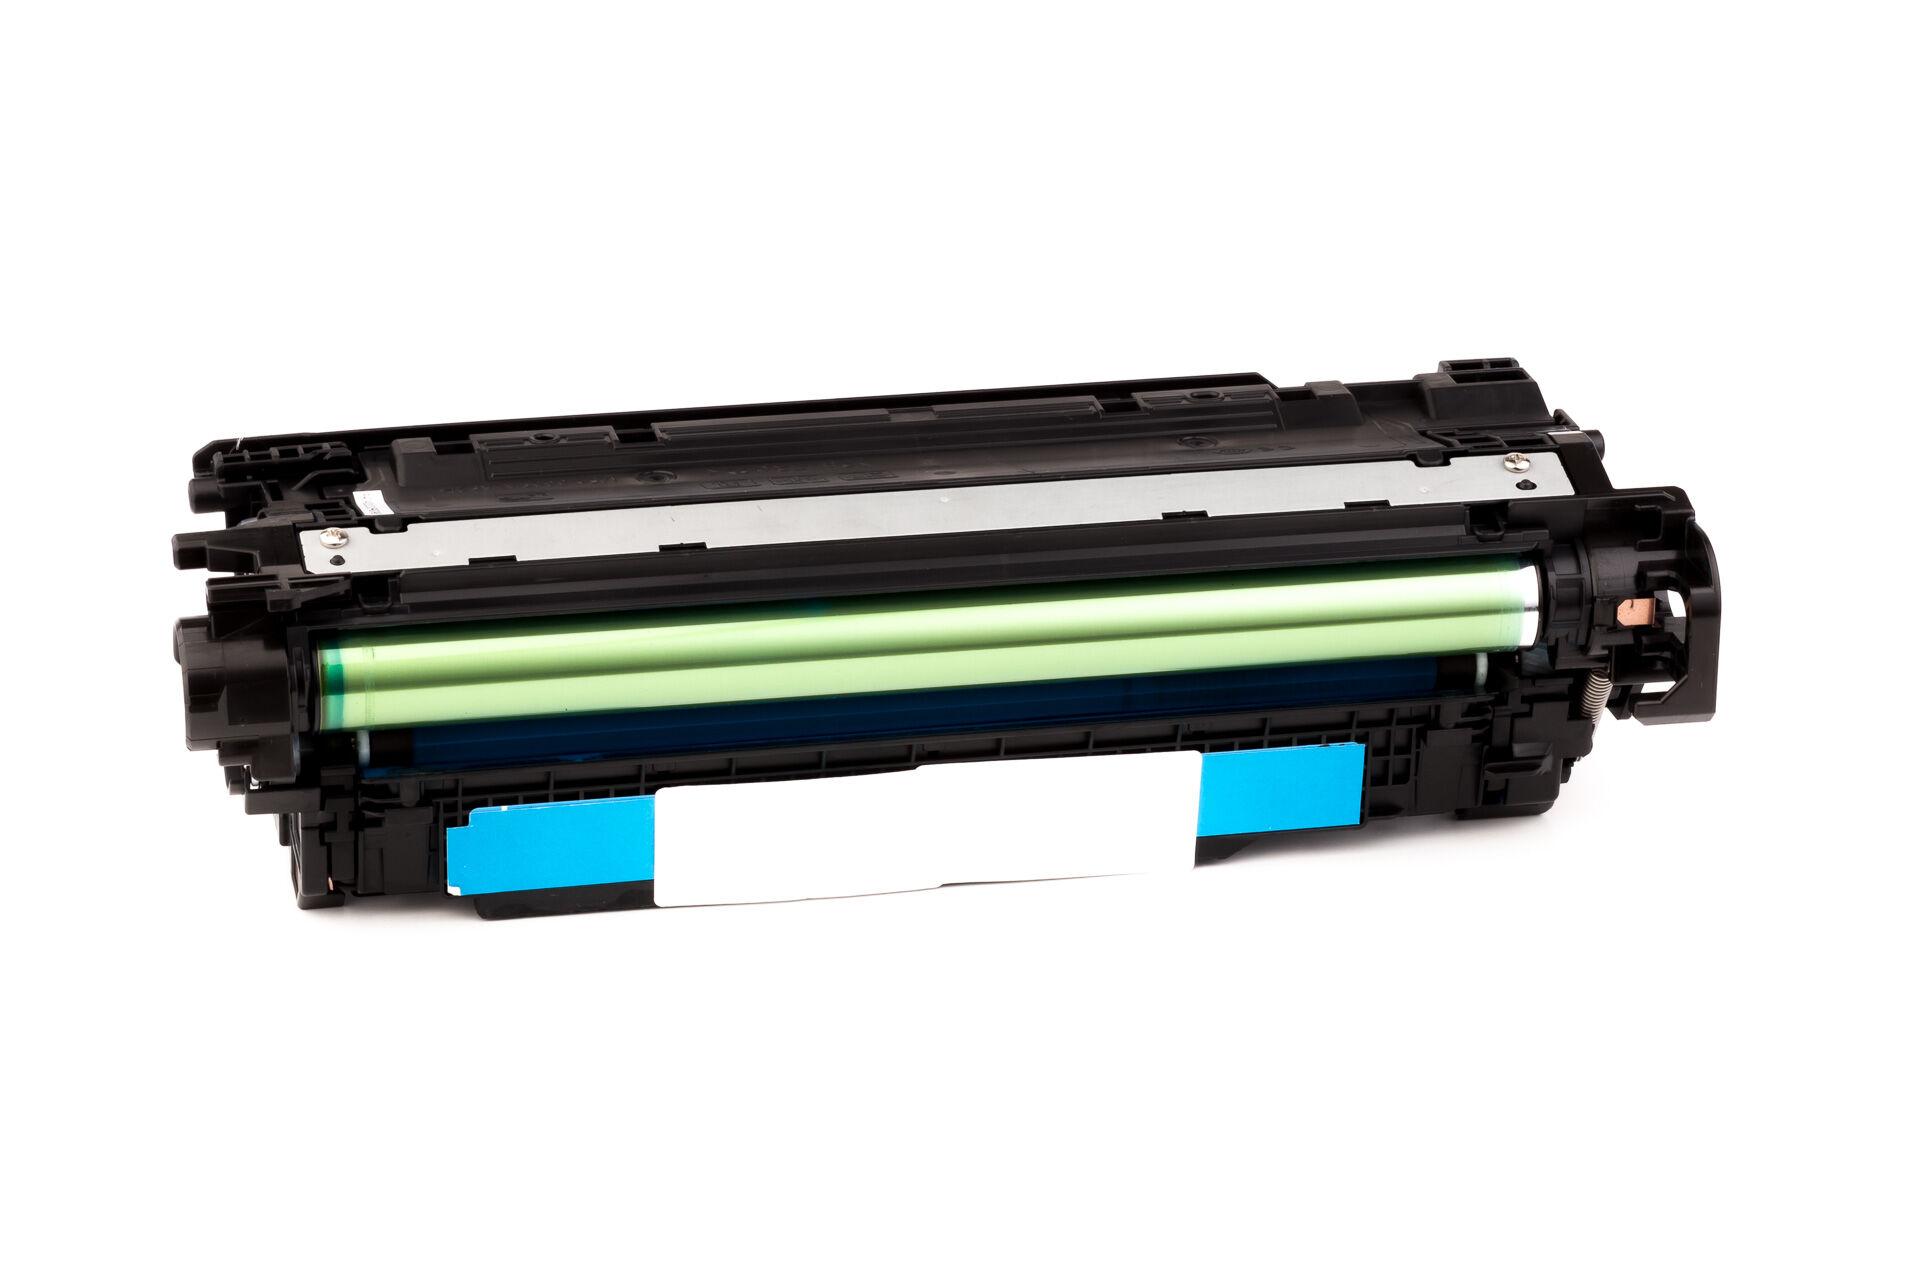 HP Cartouche de Toner pour HP CE401A / 507A cyan compatible (de marque ASC)